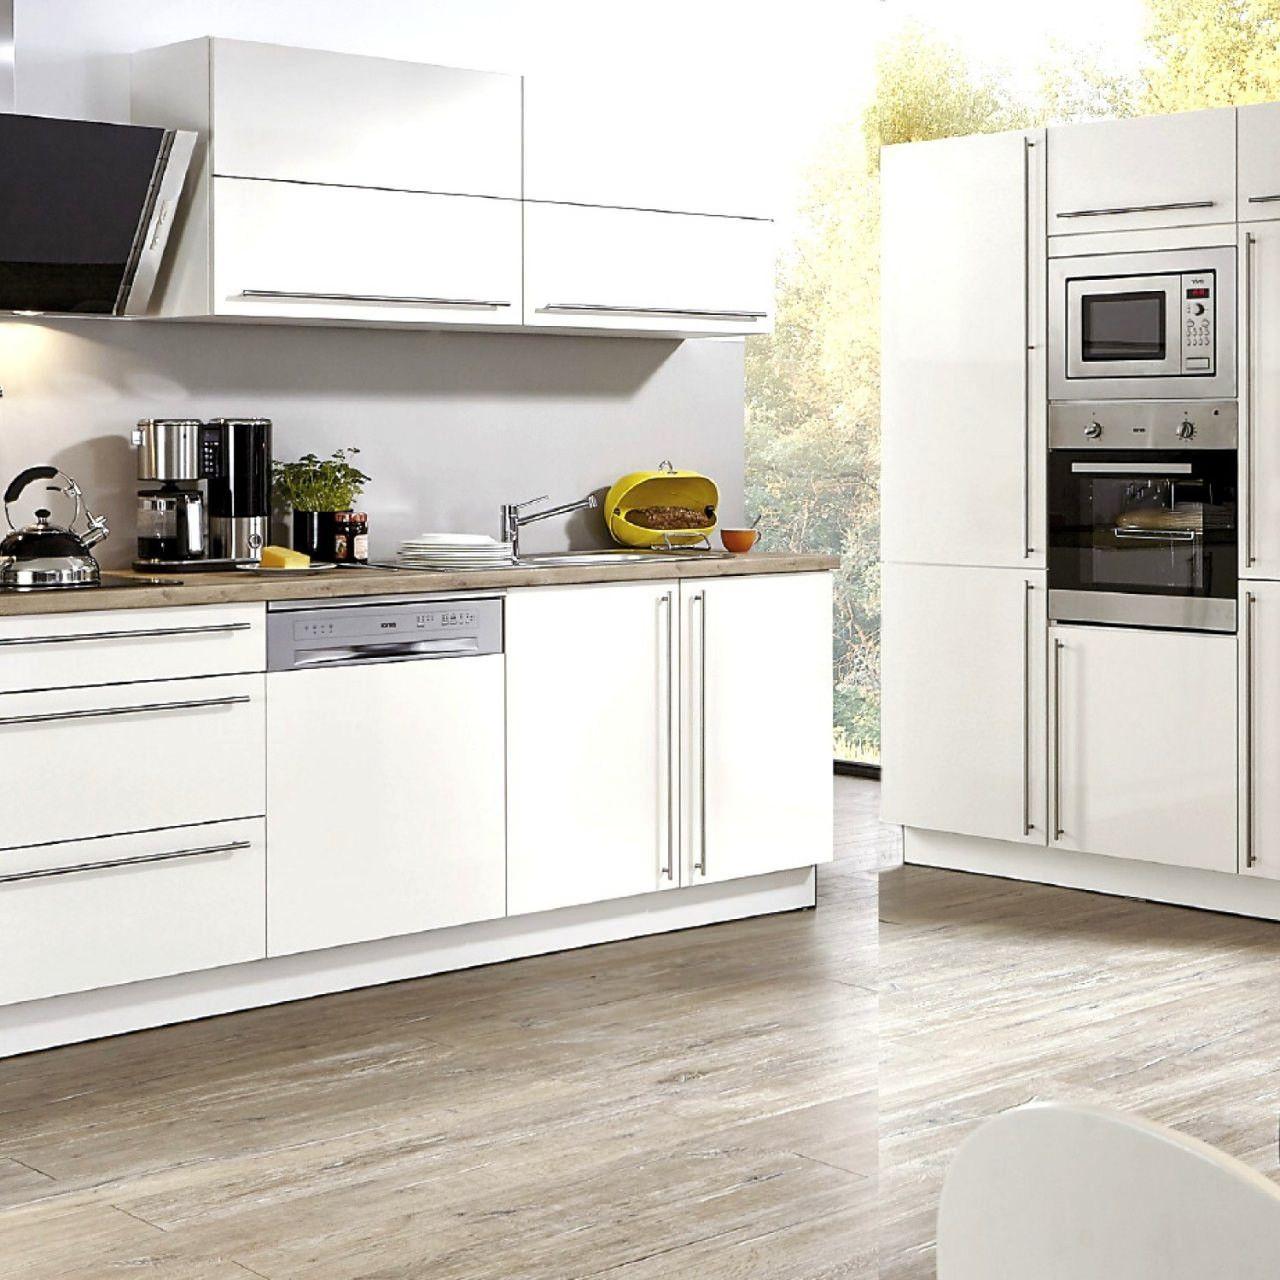 Full Size of Küchen Aktuell Kchenaktuell Lovely Kchen Krefeld Kche De Paris Di 2020 Regal Wohnzimmer Küchen Aktuell